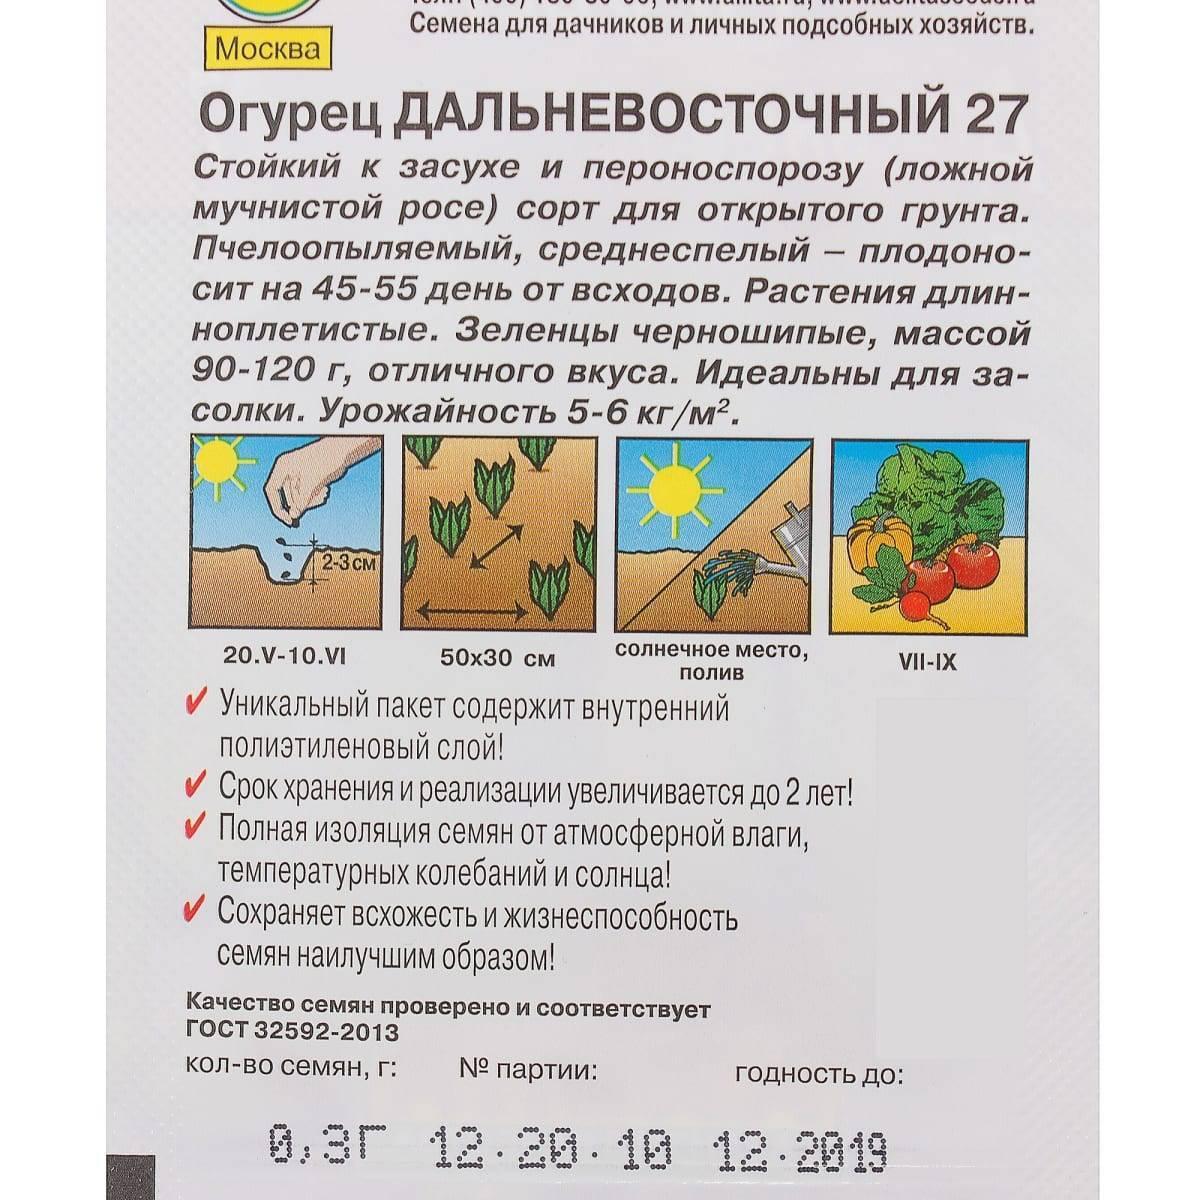 Огурец «дальневосточный 27»: описание сорта, фото и отзывы